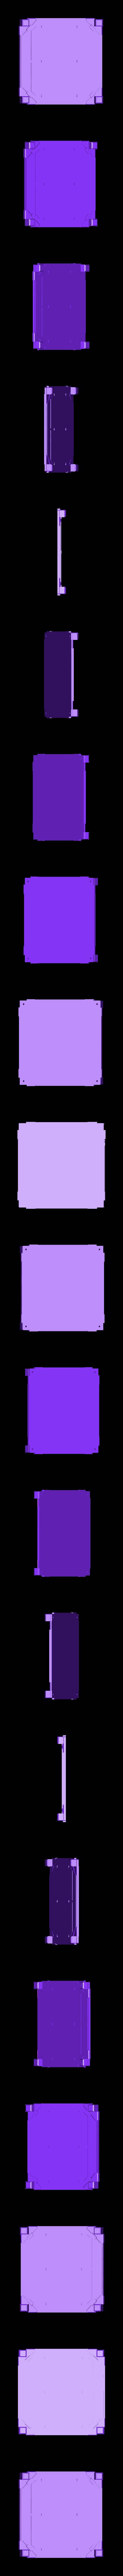 CubeSat top.STL Télécharger fichier STL gratuit CubeSat • Design à imprimer en 3D, spac3D